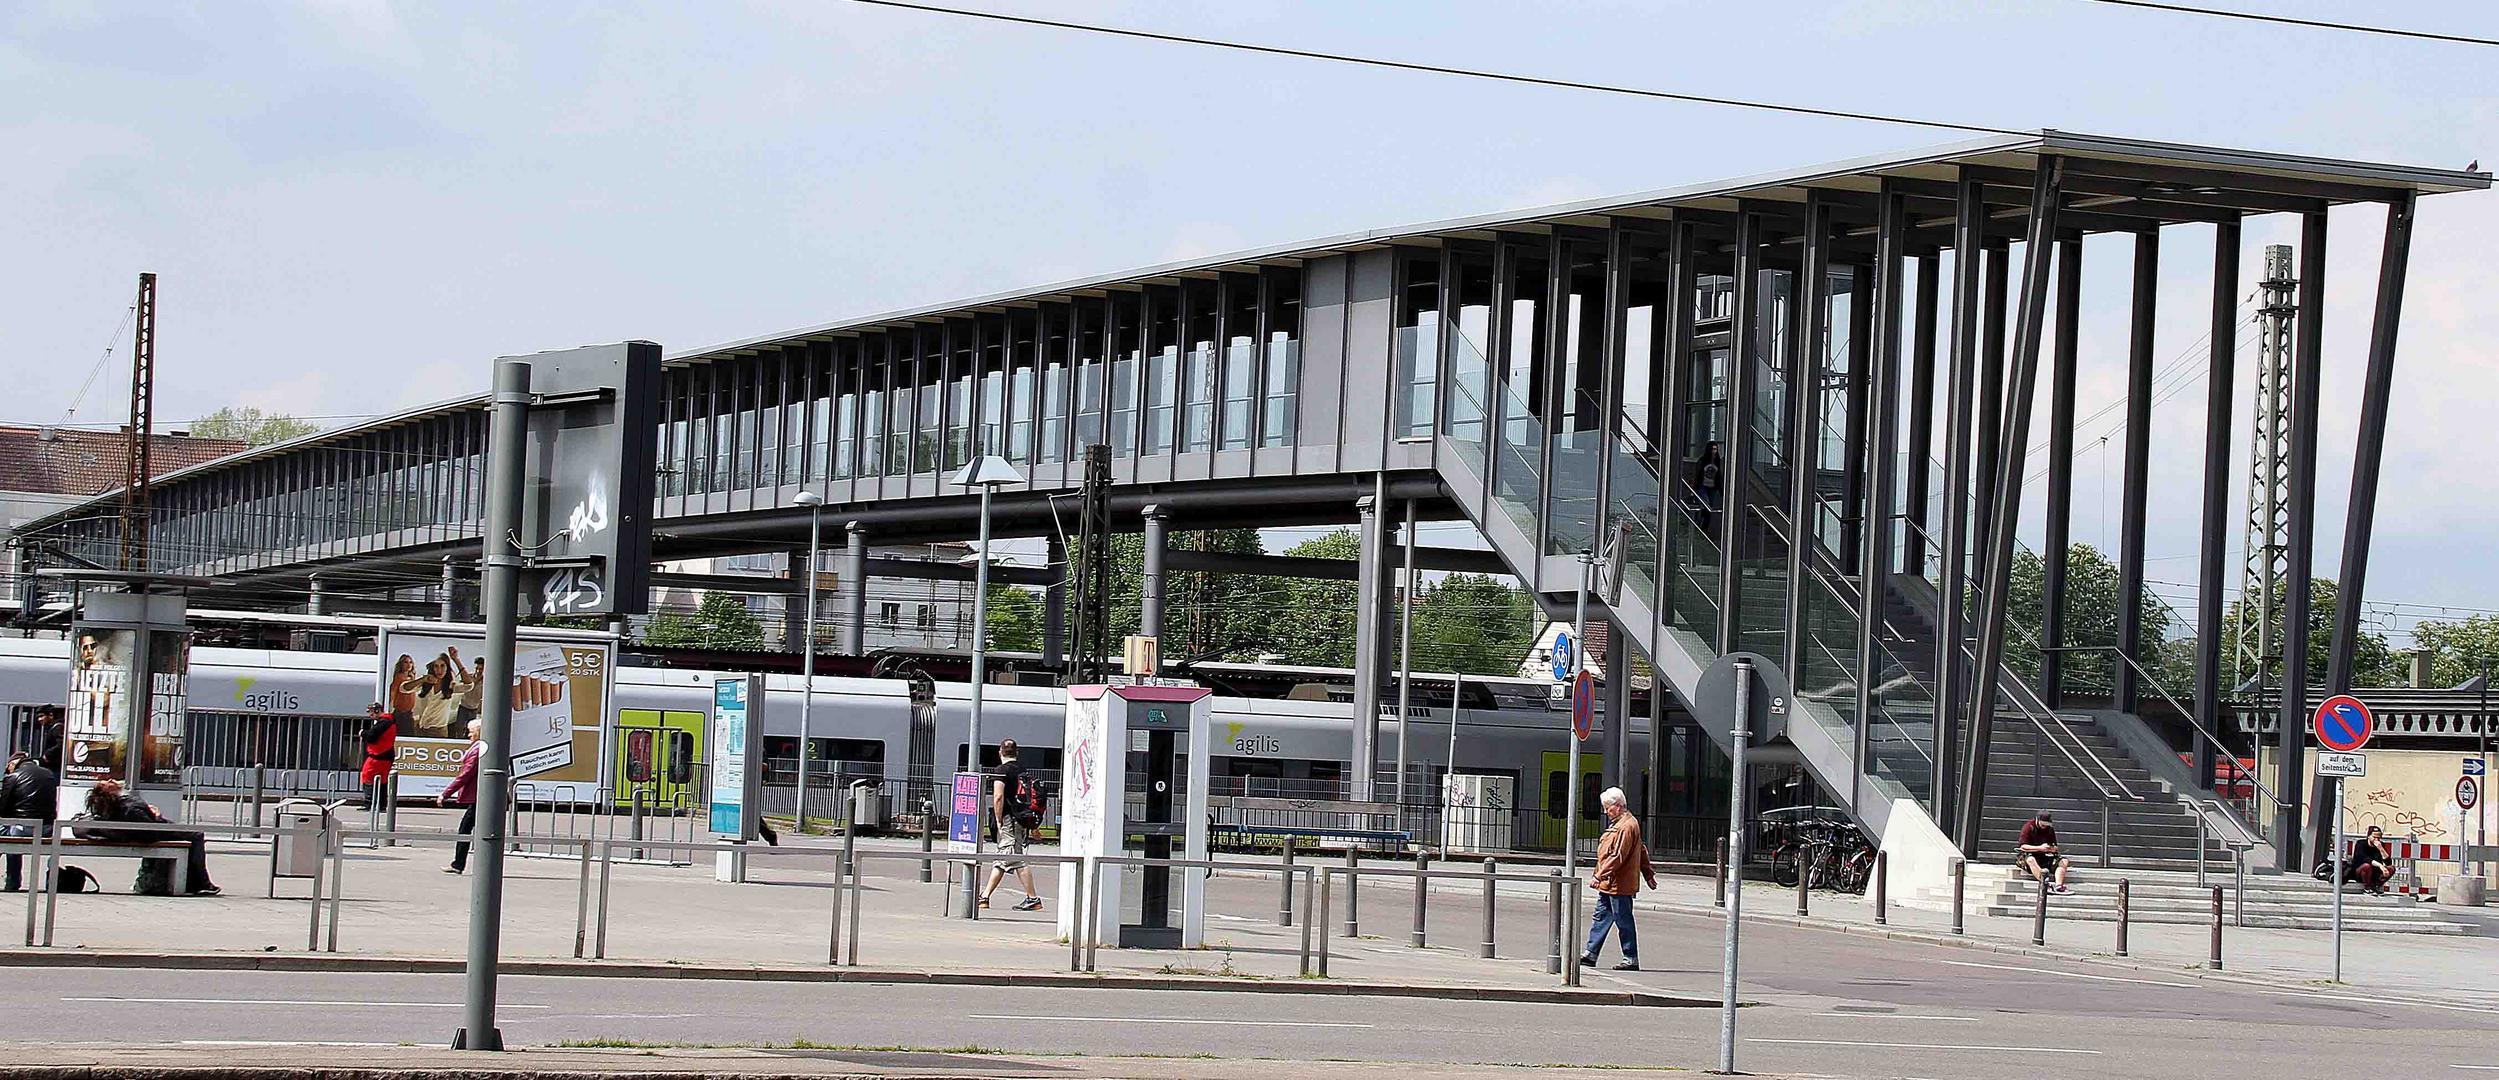 Neuer Bahnhofssteg am Ulmer Hauptbahnhof